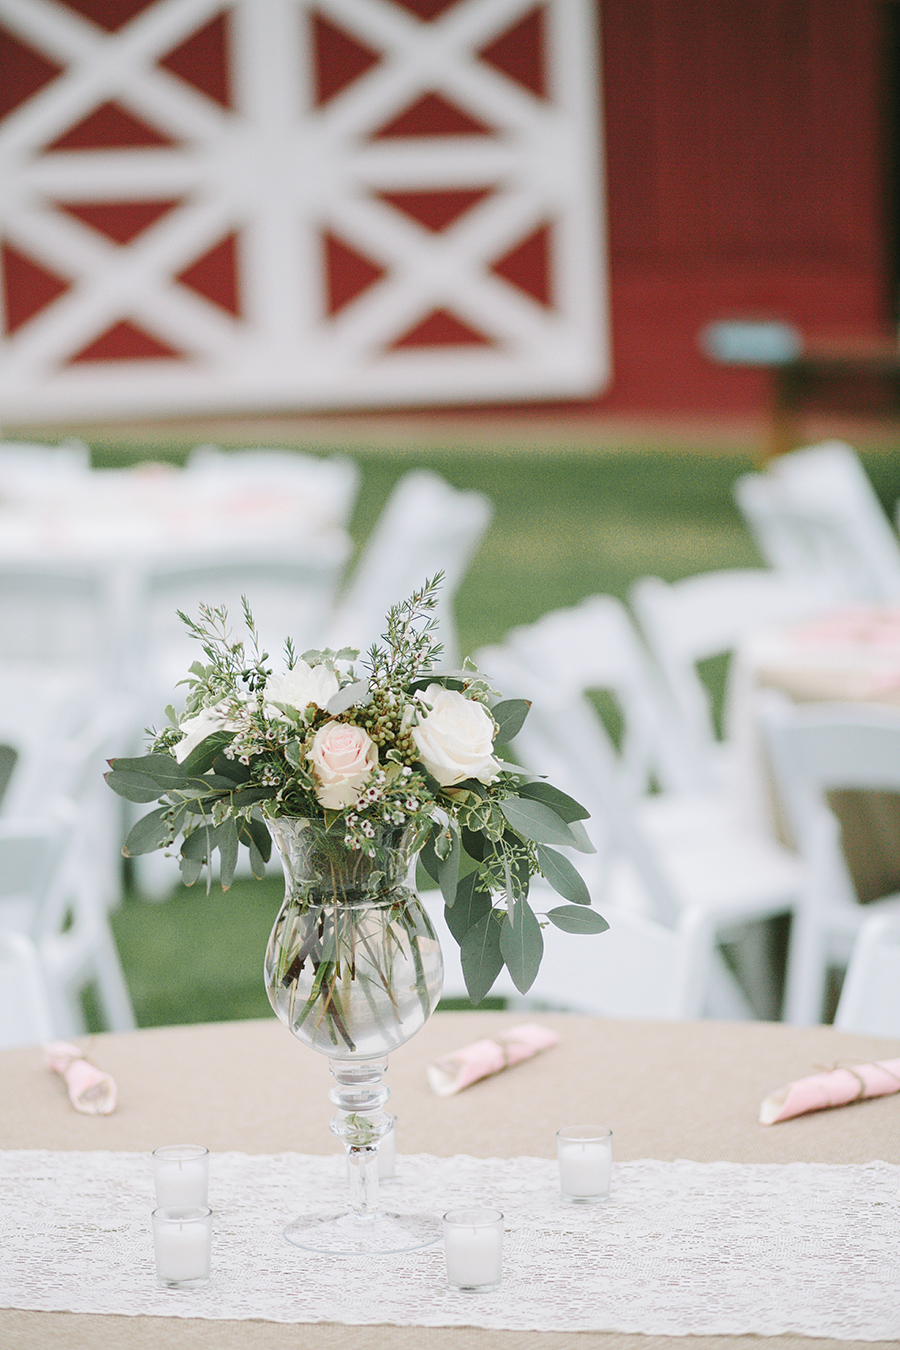 Blush and neutral flower centerpiece